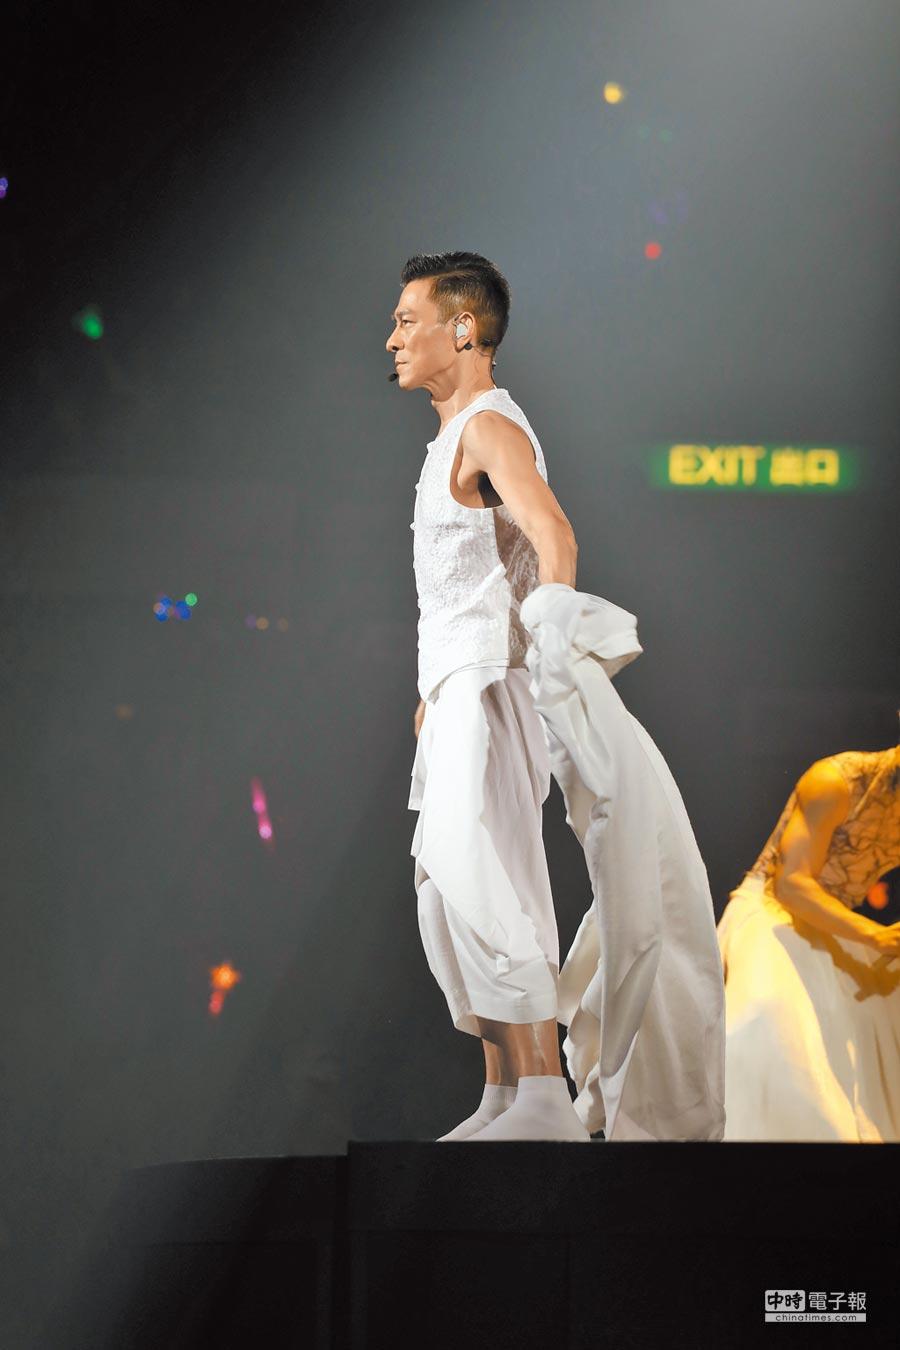 華仔昨脫去白色唐裝大袍,秀出精實手臂,帥氣逼人。